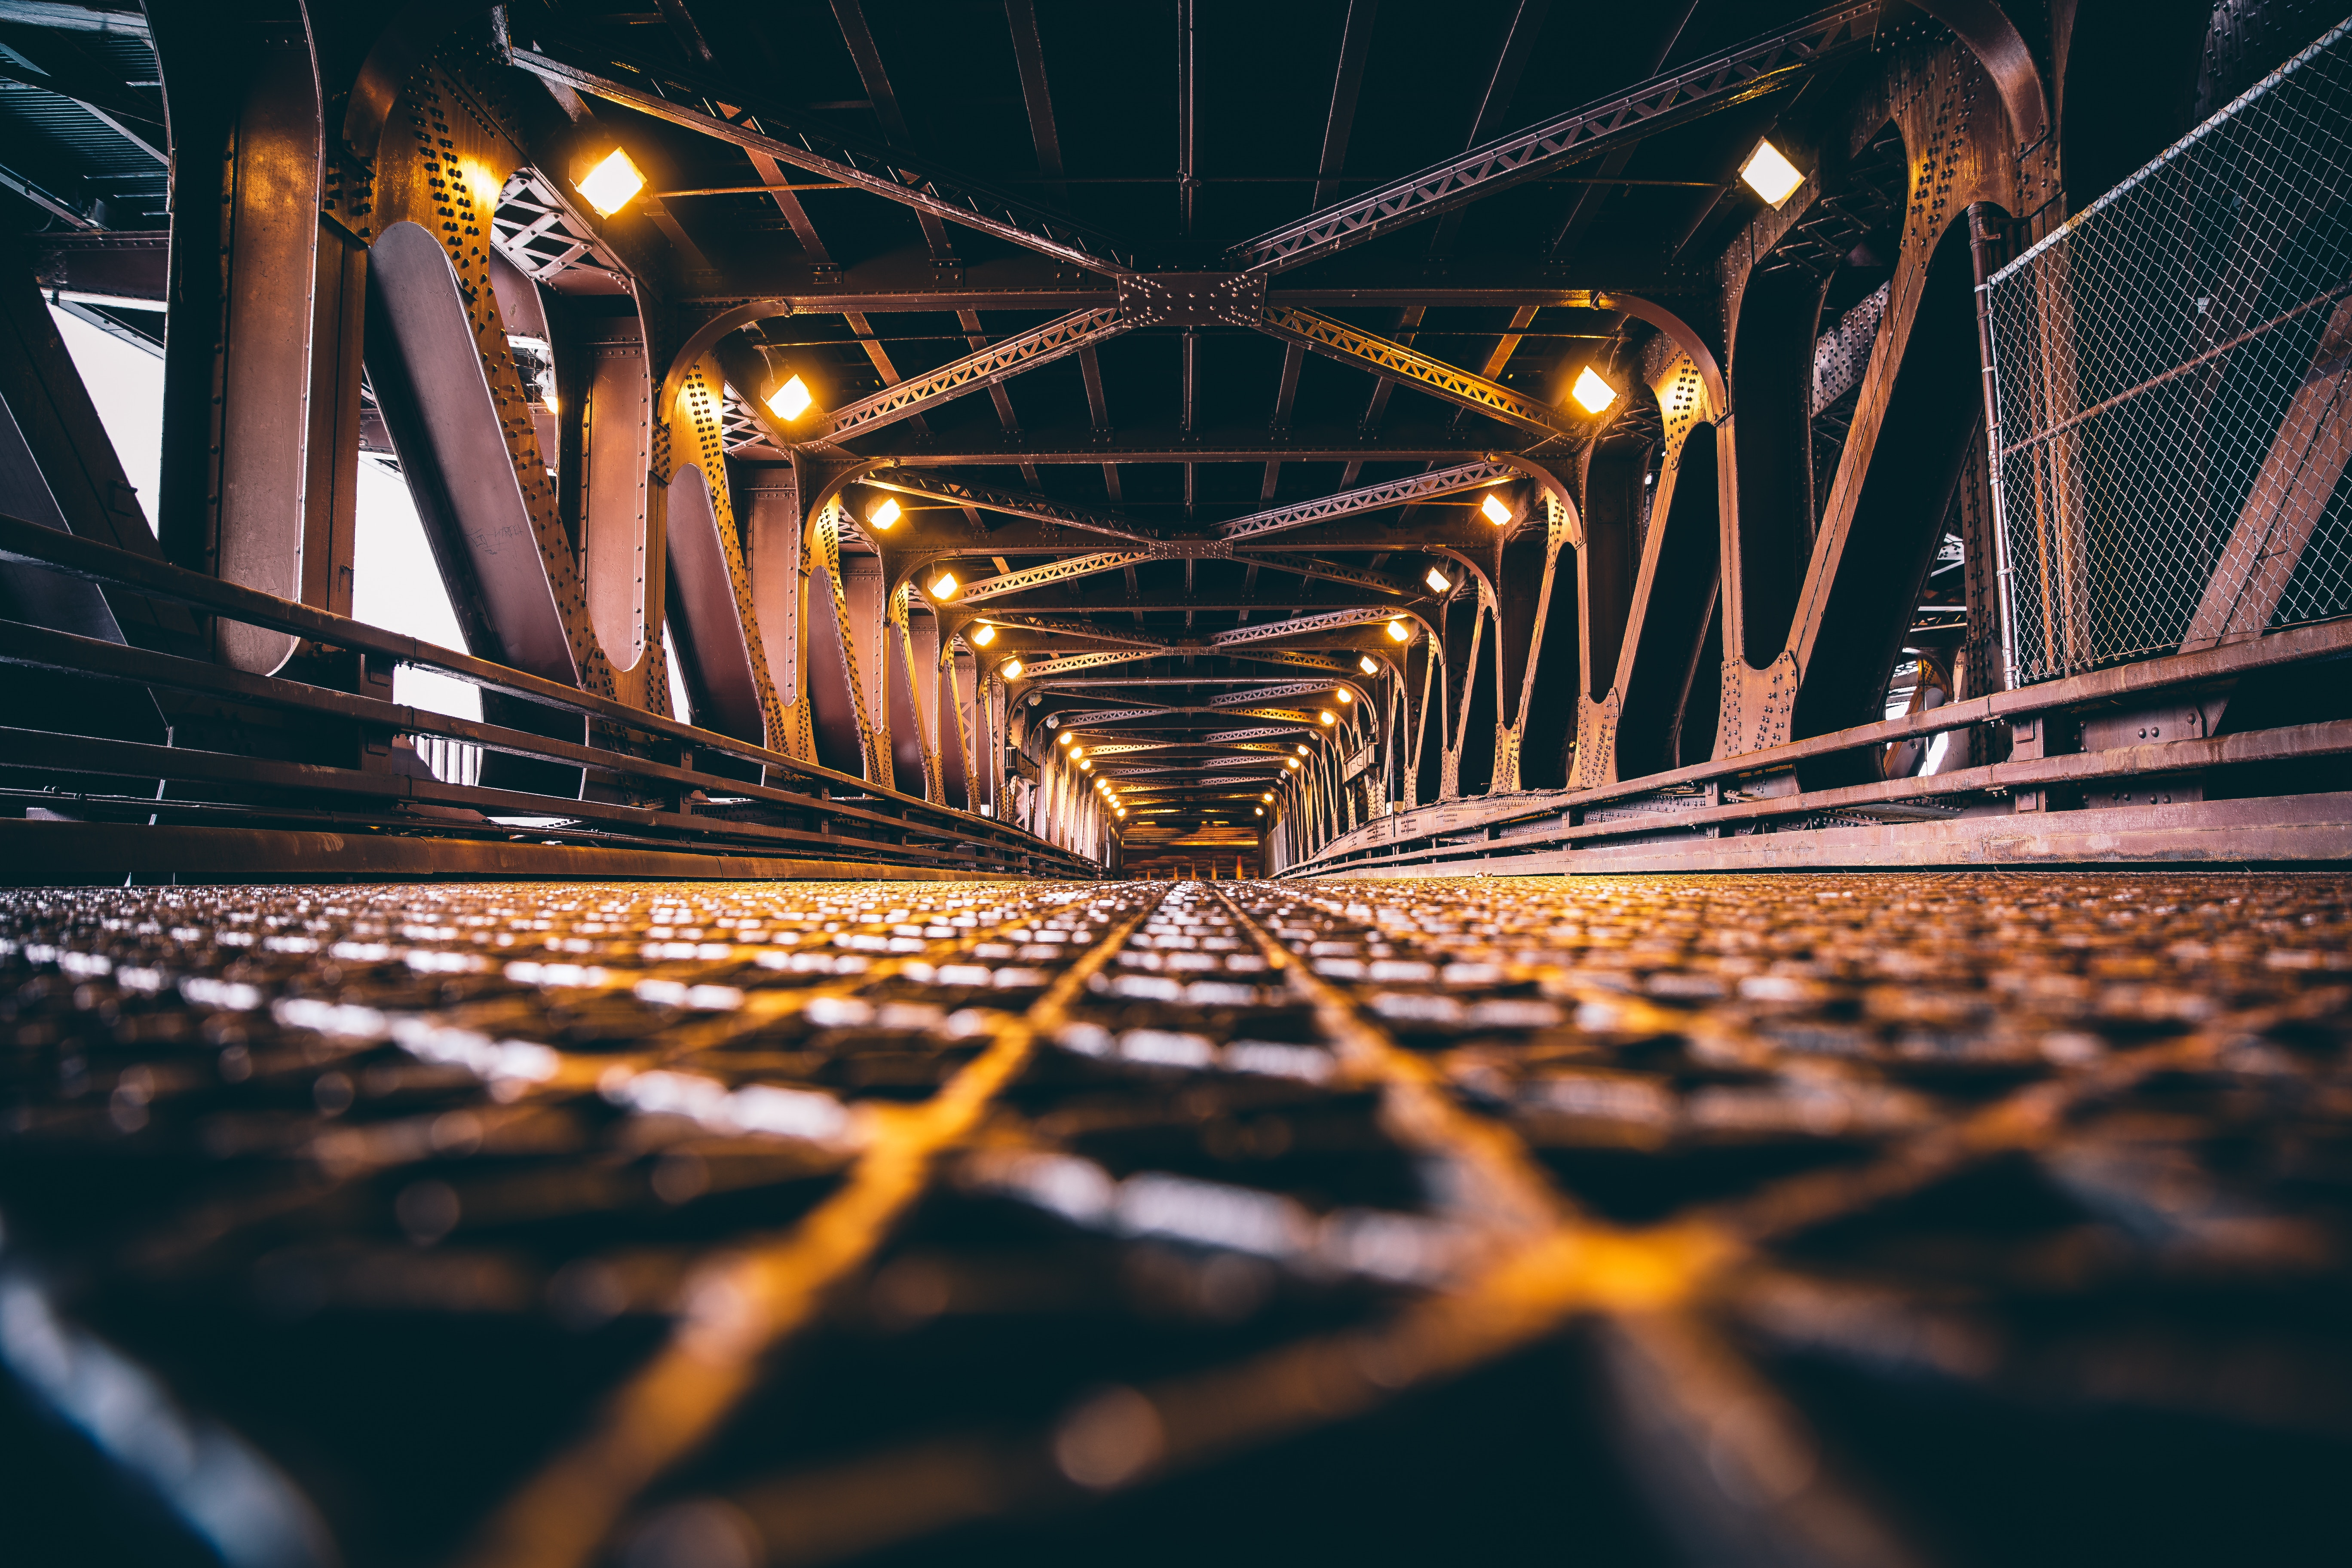 73790 Hintergrundbild 800x480 kostenlos auf deinem Handy, lade Bilder Städte, Brücke, Design, Bau, Konstruktion, Hintergrundbeleuchtung, Beleuchtung, Chicago 800x480 auf dein Handy herunter